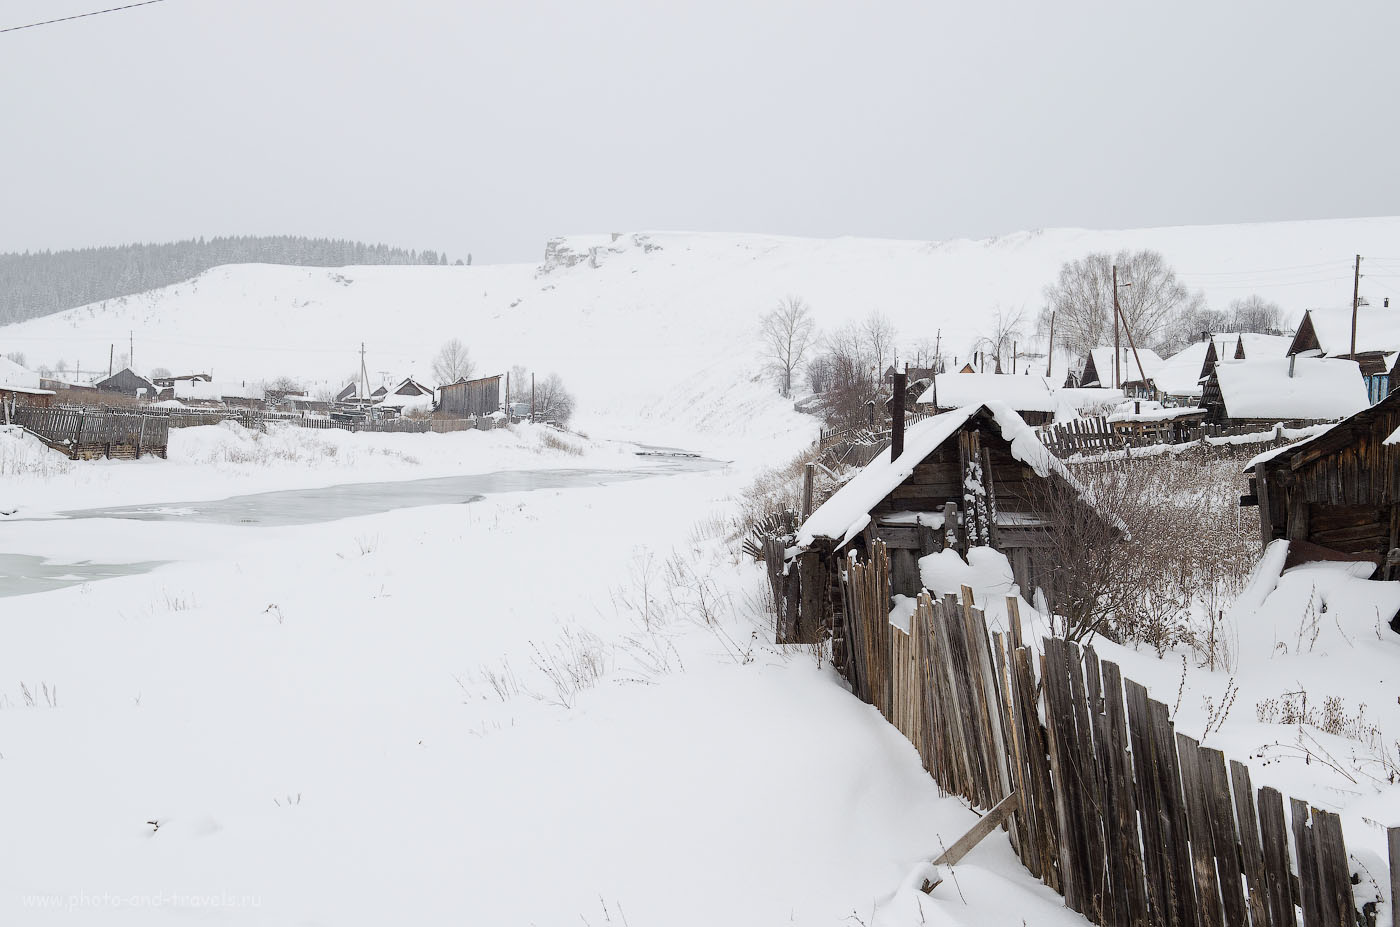 Фотография 31. Пример съемки зимнего пейзажа на камеру Nikon D5100 с объективом Nikon 17-55mm f/2.8.